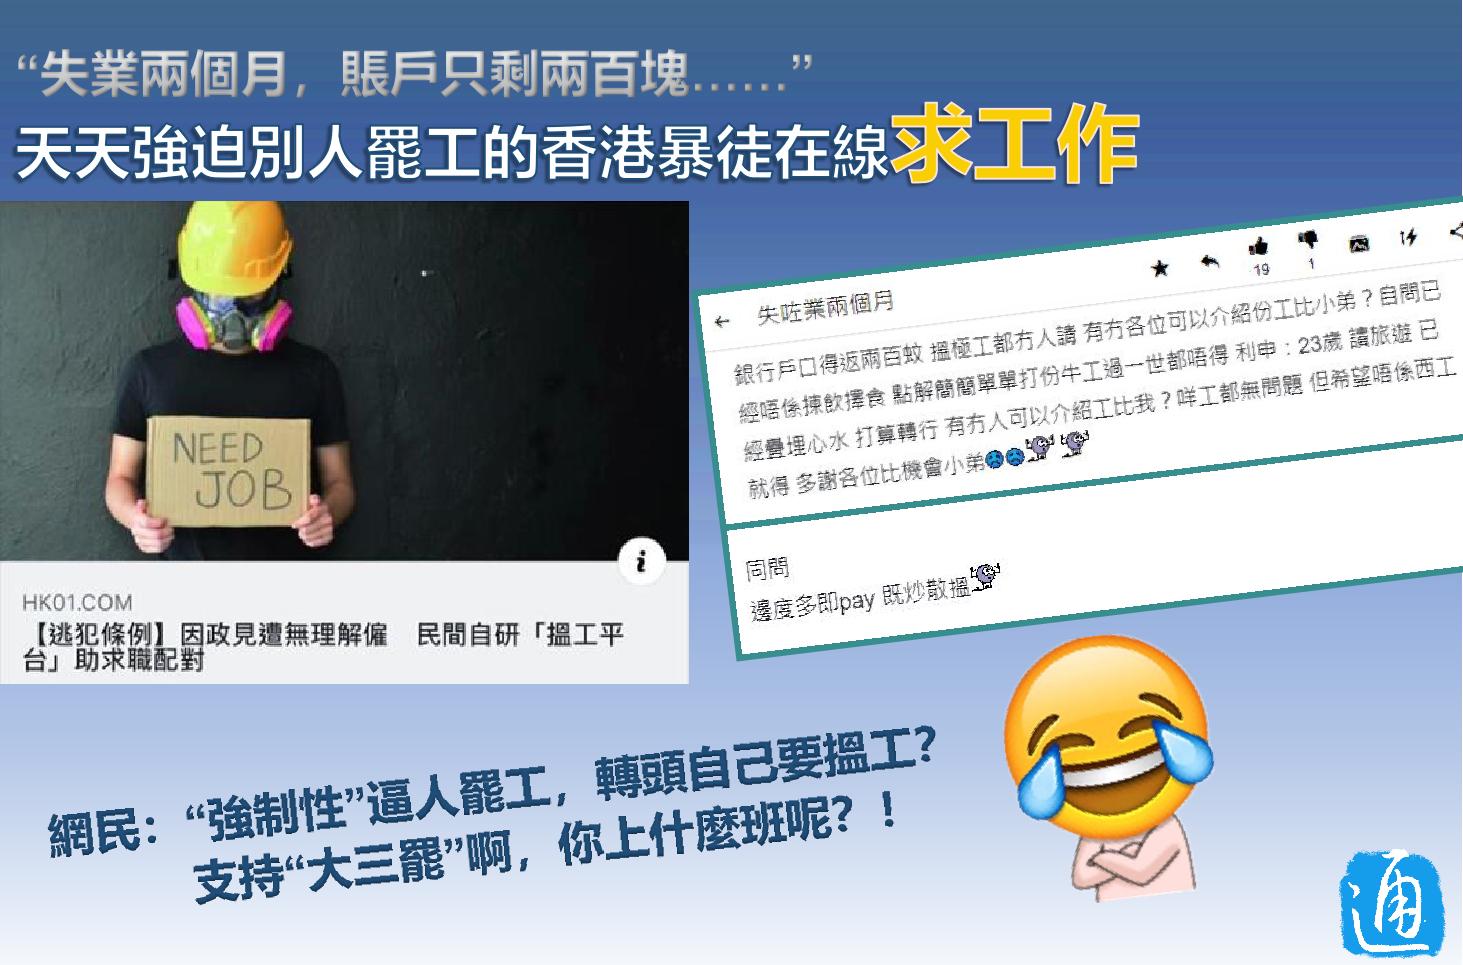 香港暴徒强迫他人罢工,自己却四处求职:啥活都能干,就是没人要